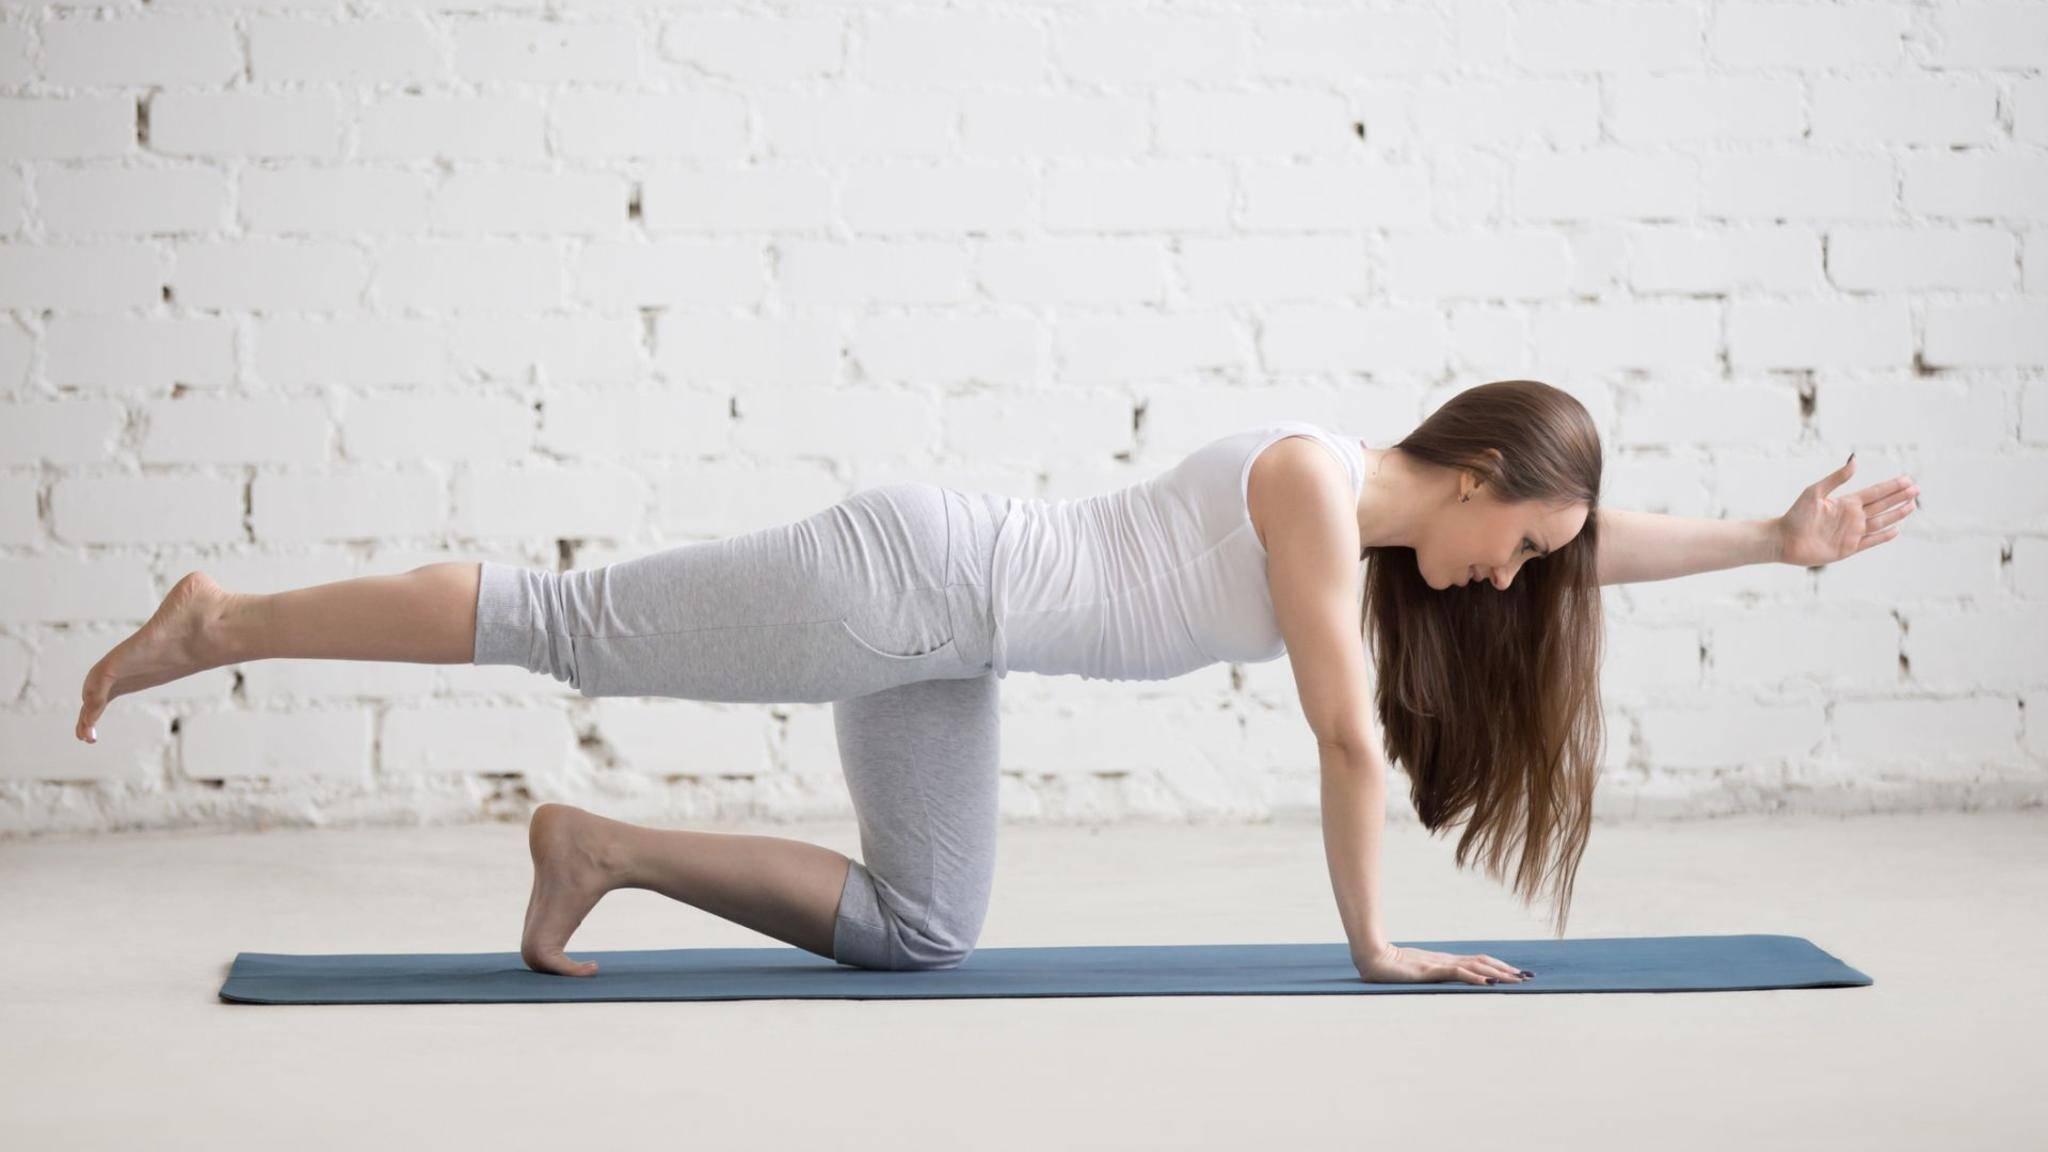 Rückenübungen für zu Hause: 6 Übungen für einen gesunden Rücken